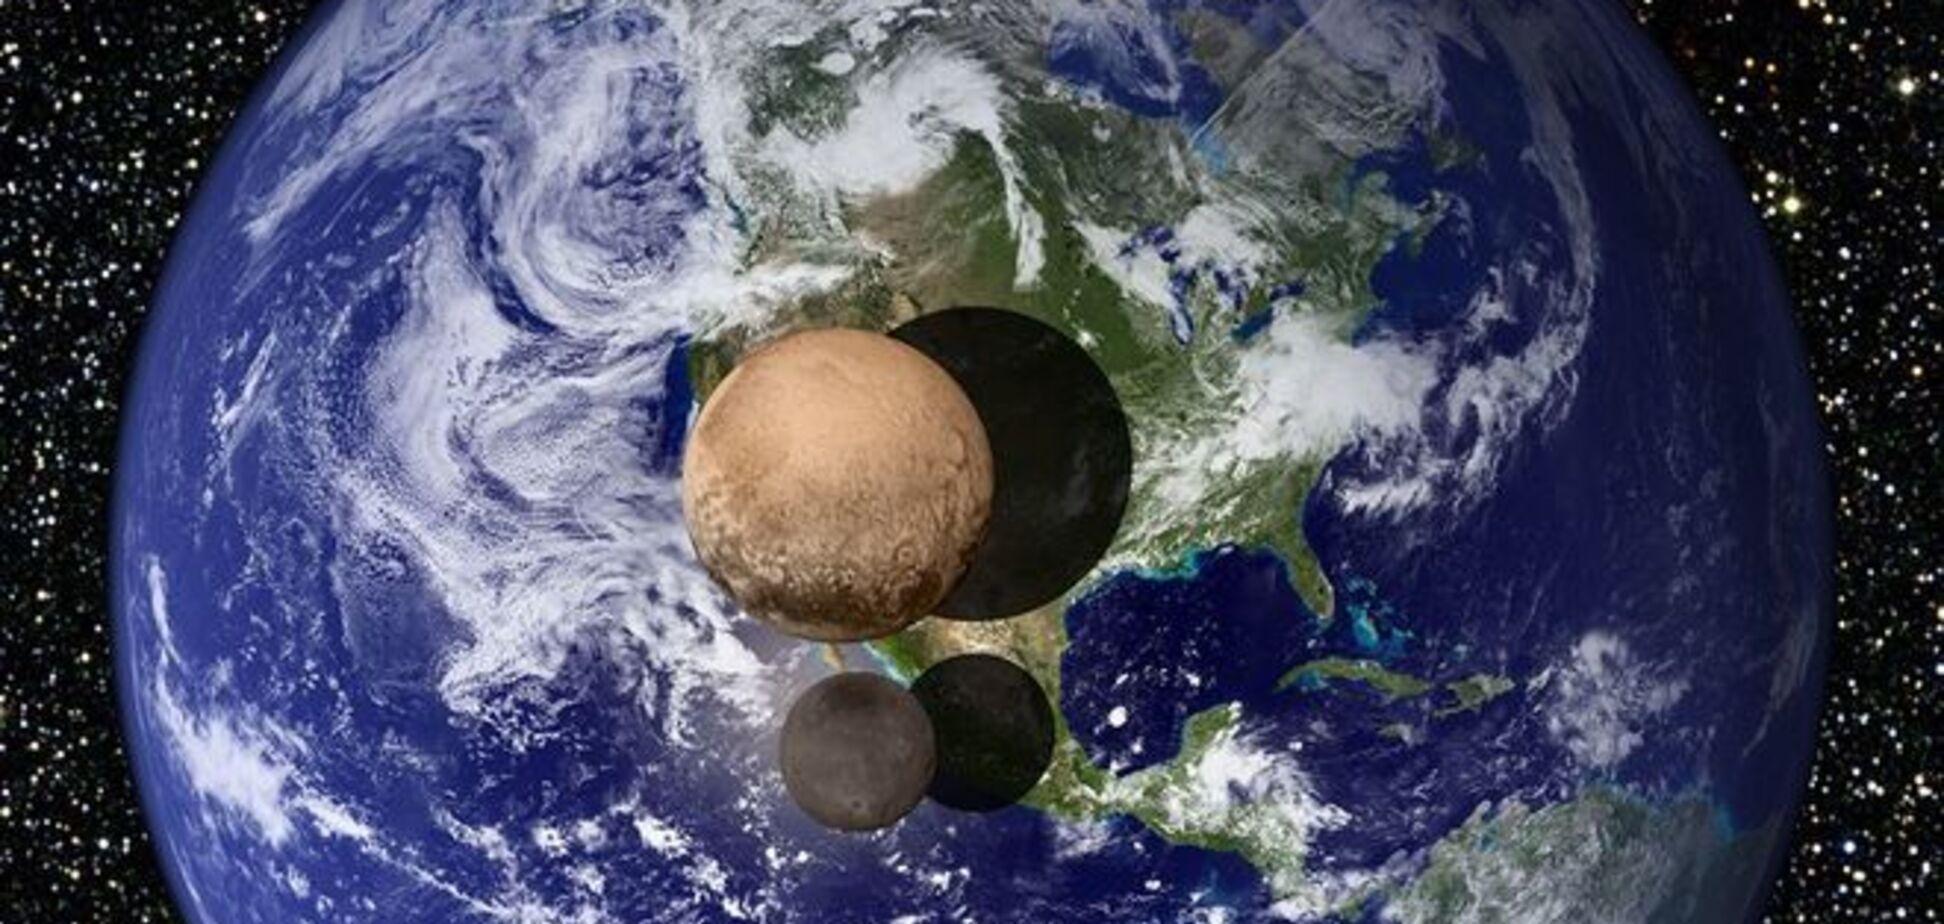 Місія здійсненна. 11 цікавих фактів про унікальну подорож 'Нових горизонтів' до Плутона